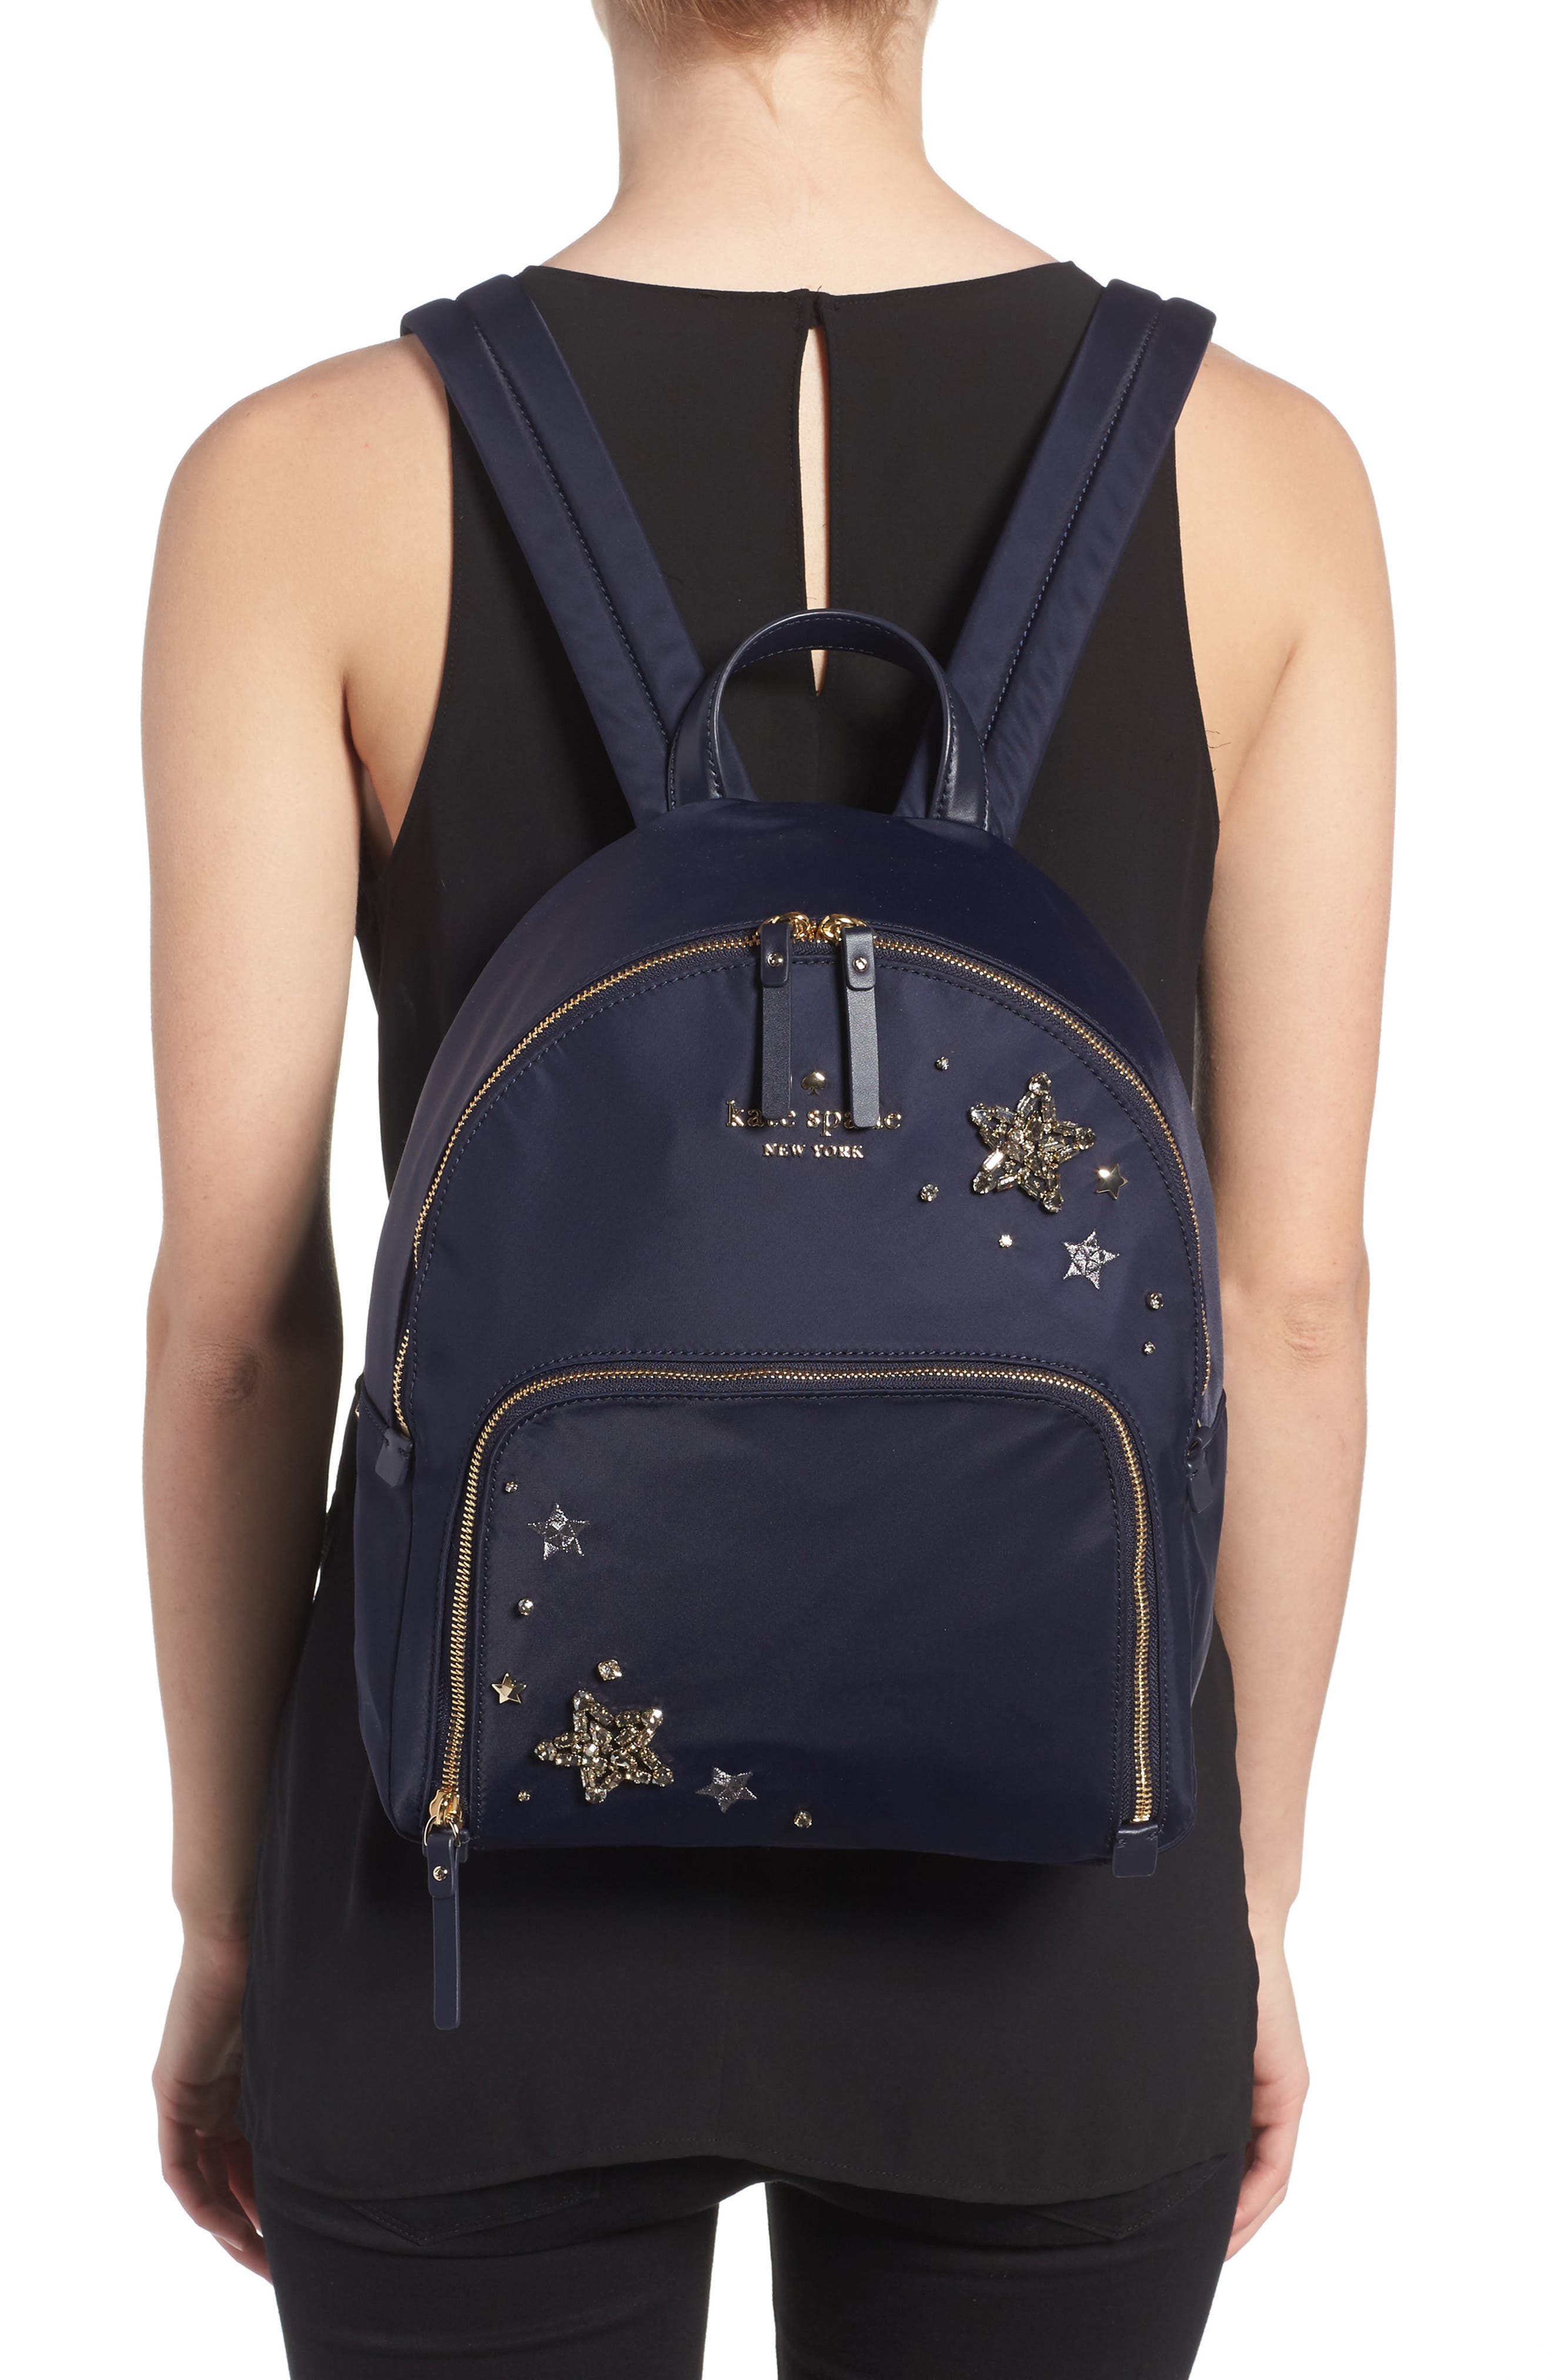 watson lane - hartley embellished nylon backpack,                             Alternate thumbnail 2, color,